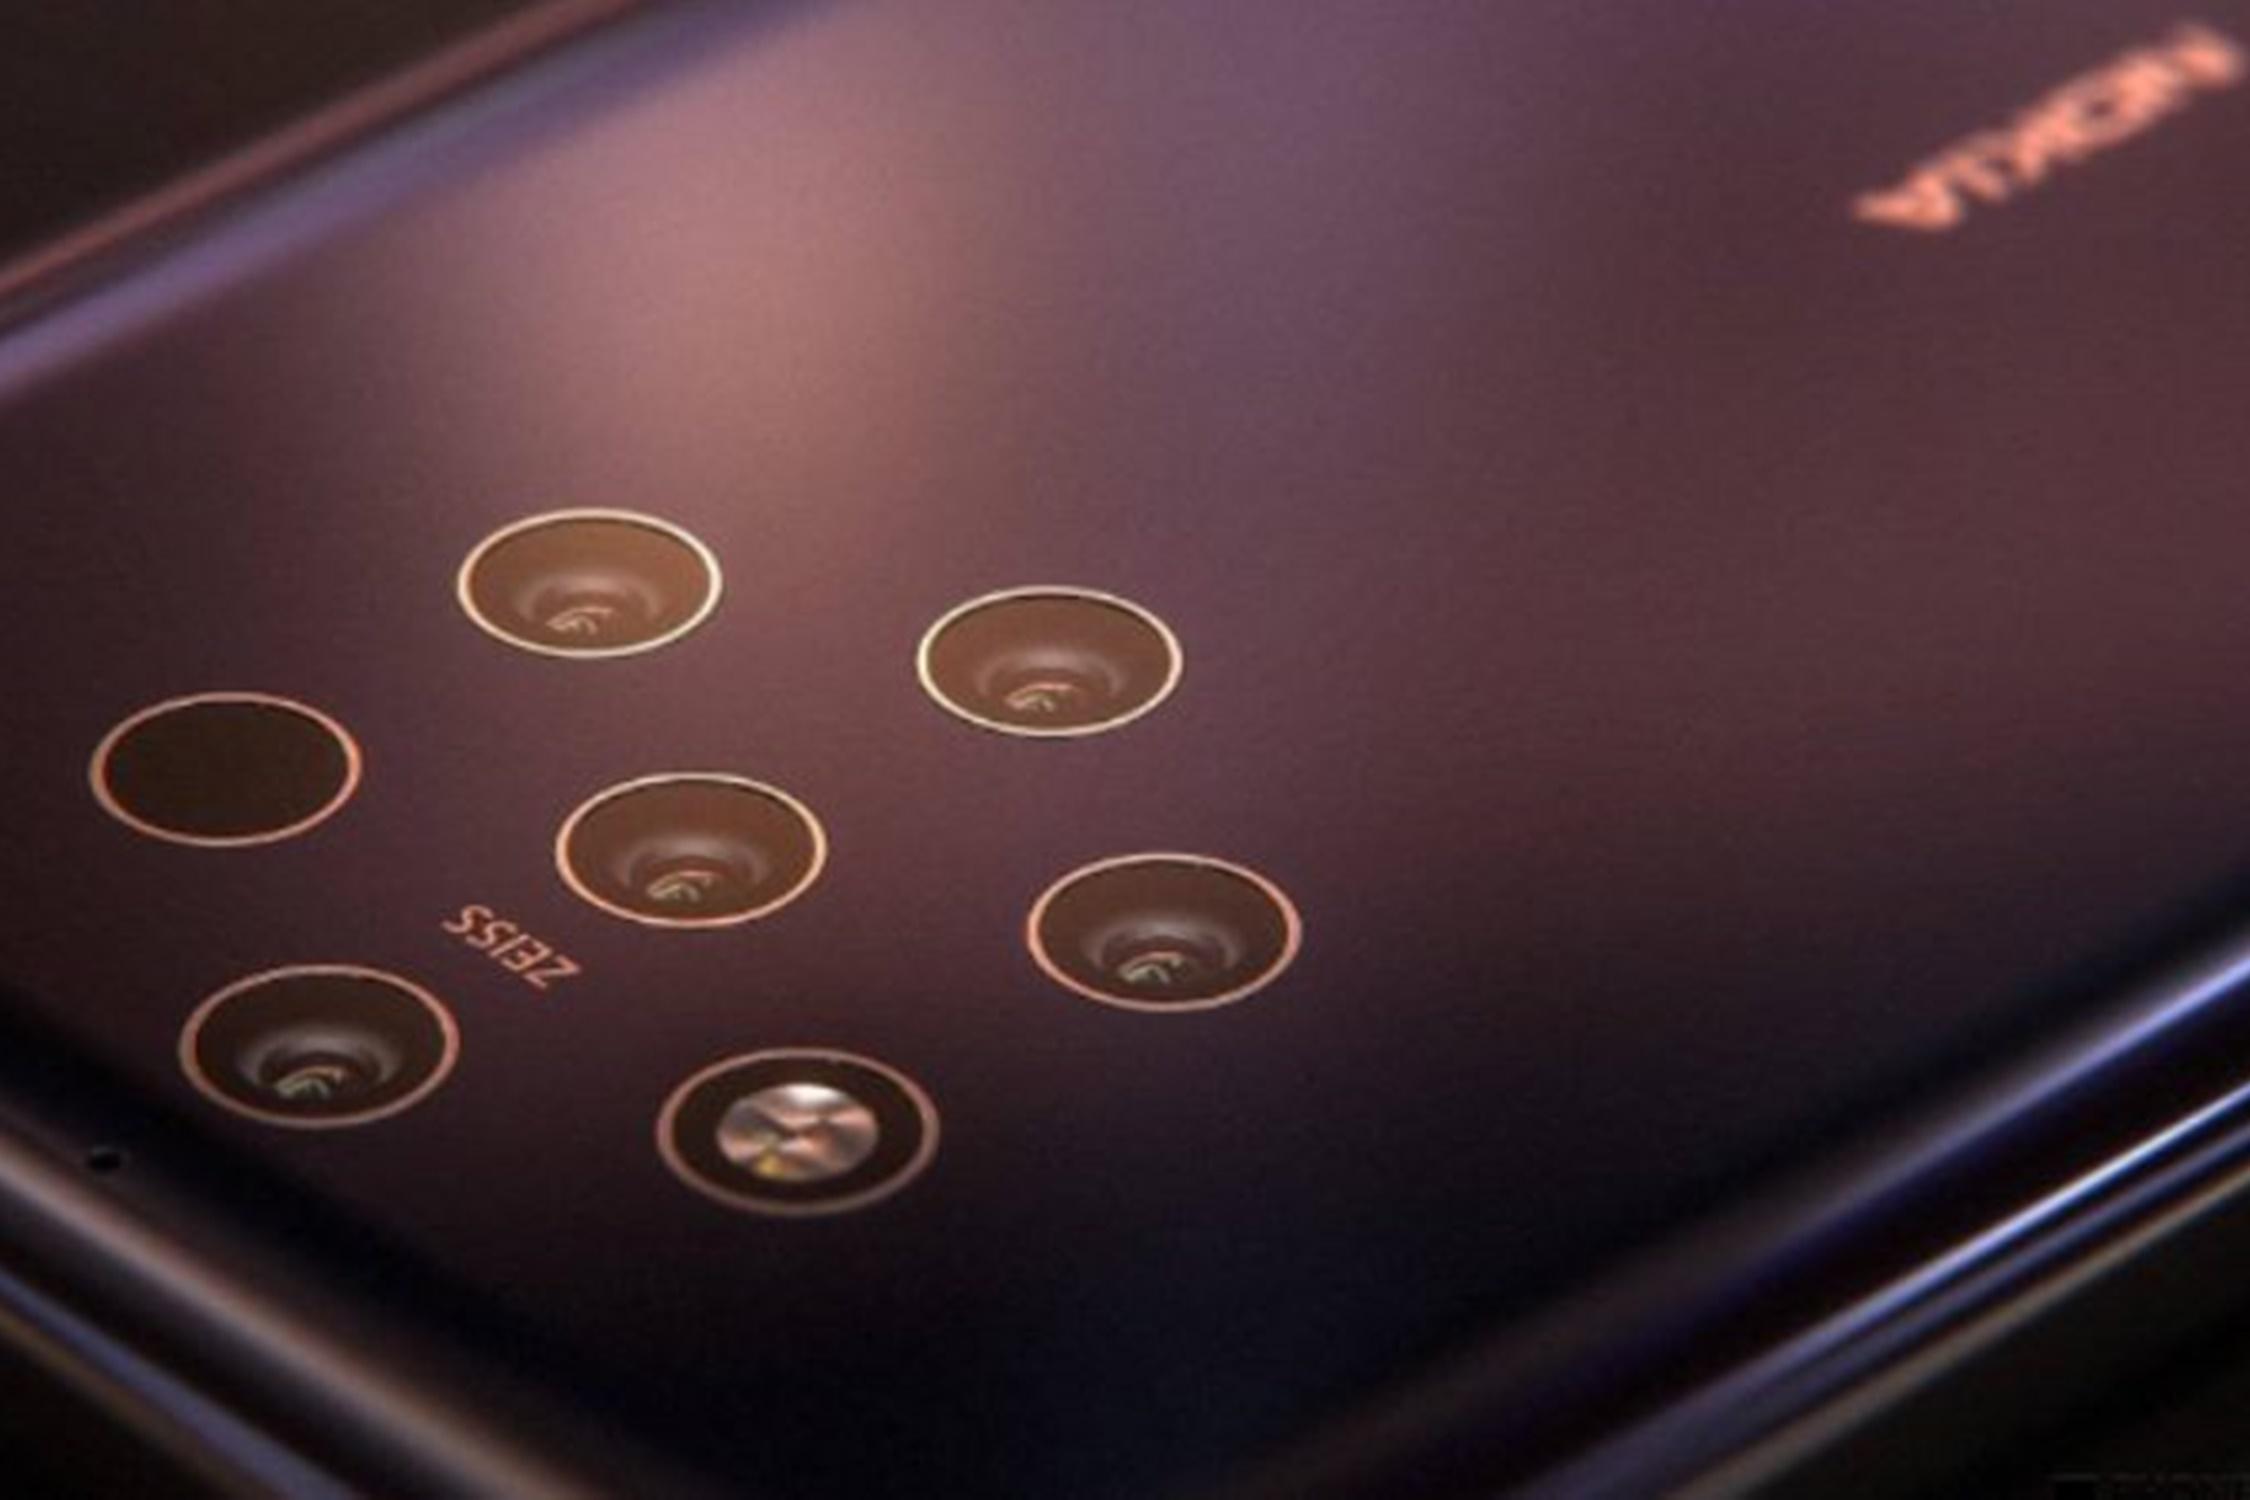 Imagem de Com 5 câmeras, Nokia 9 PureView deve chegar ainda em 2018 no tecmundo